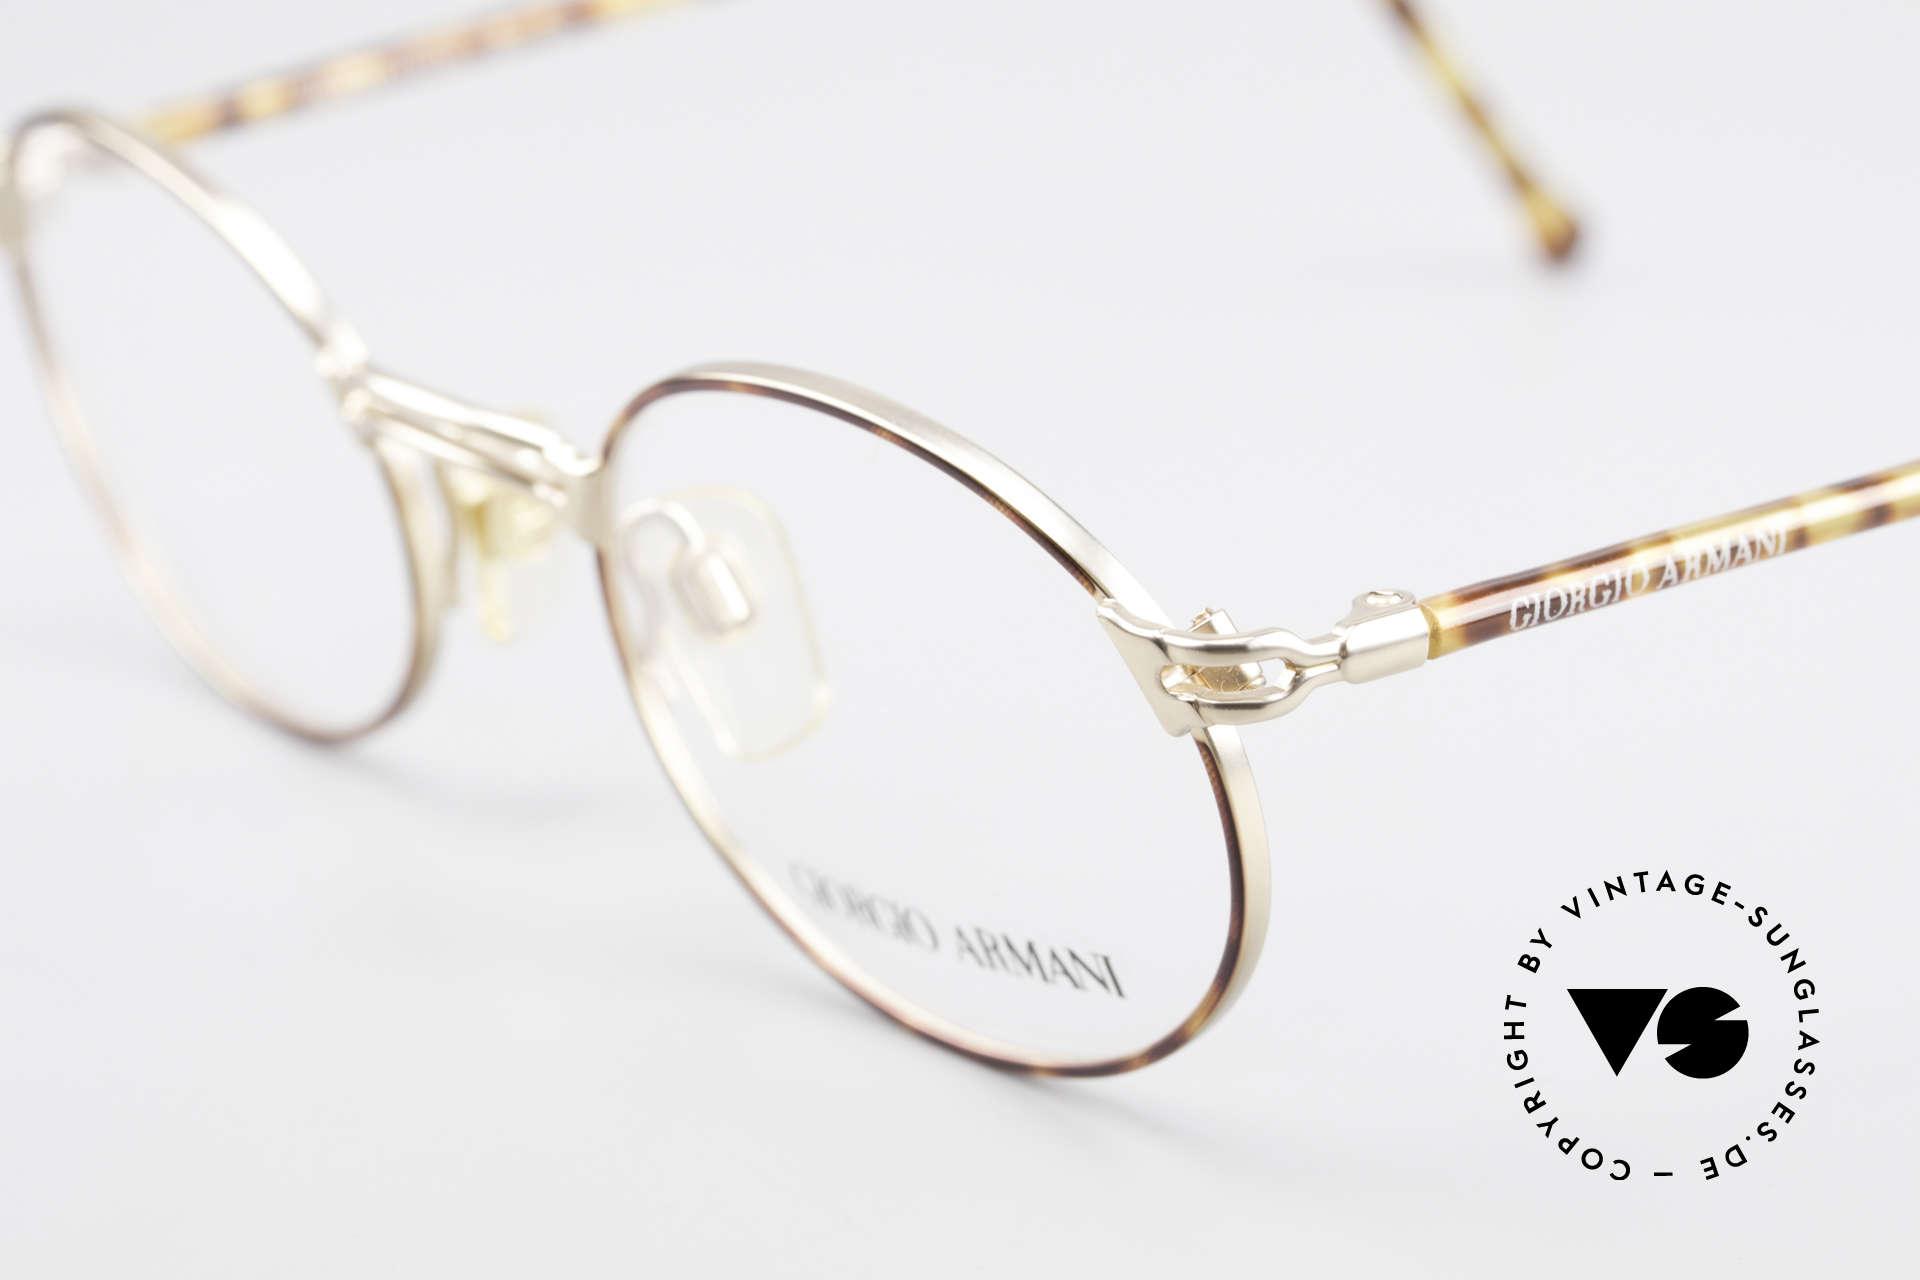 Giorgio Armani 194 Vintage Fassung No Retro Oval, ungetragen (wie alle unsere alten vintage Brillen), Passend für Herren und Damen